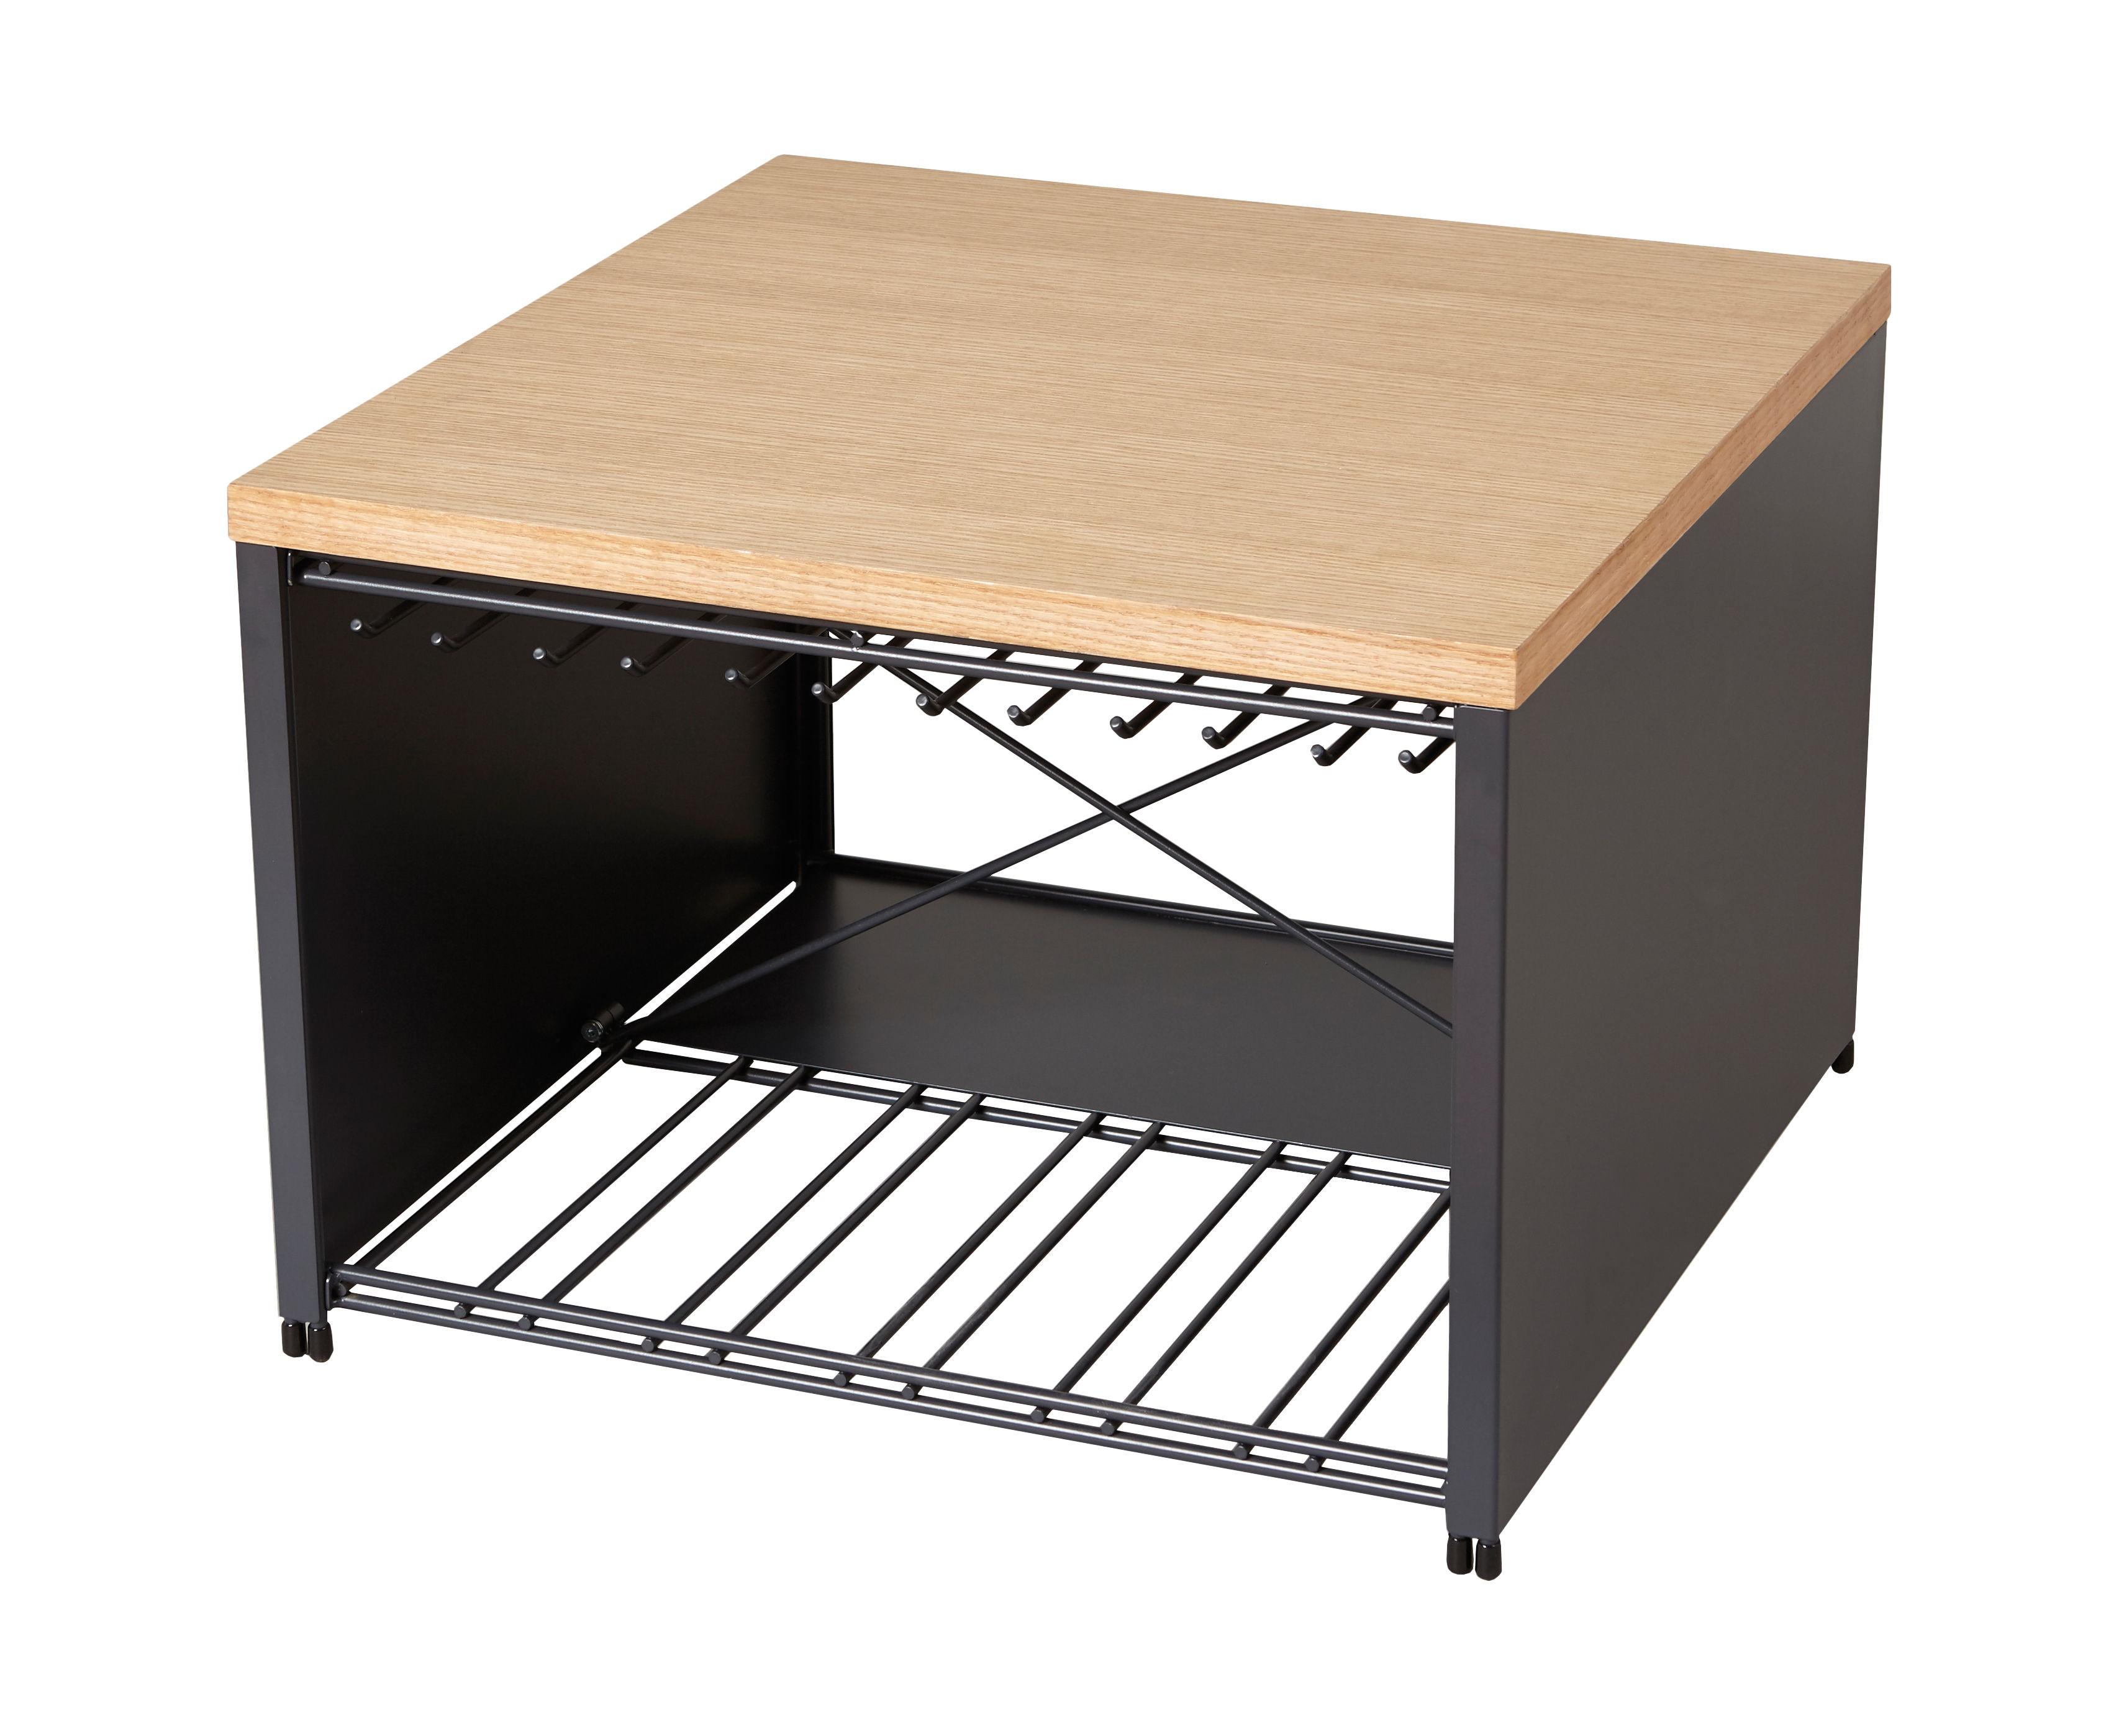 Mobilier - Tables basses - Table basse Petit Bar / Racks pour verres et bouteilles - 57 x 57 x H 40 cm - L'Atelier du Vin - Gris / Bois naturel - Acier peint, Bois